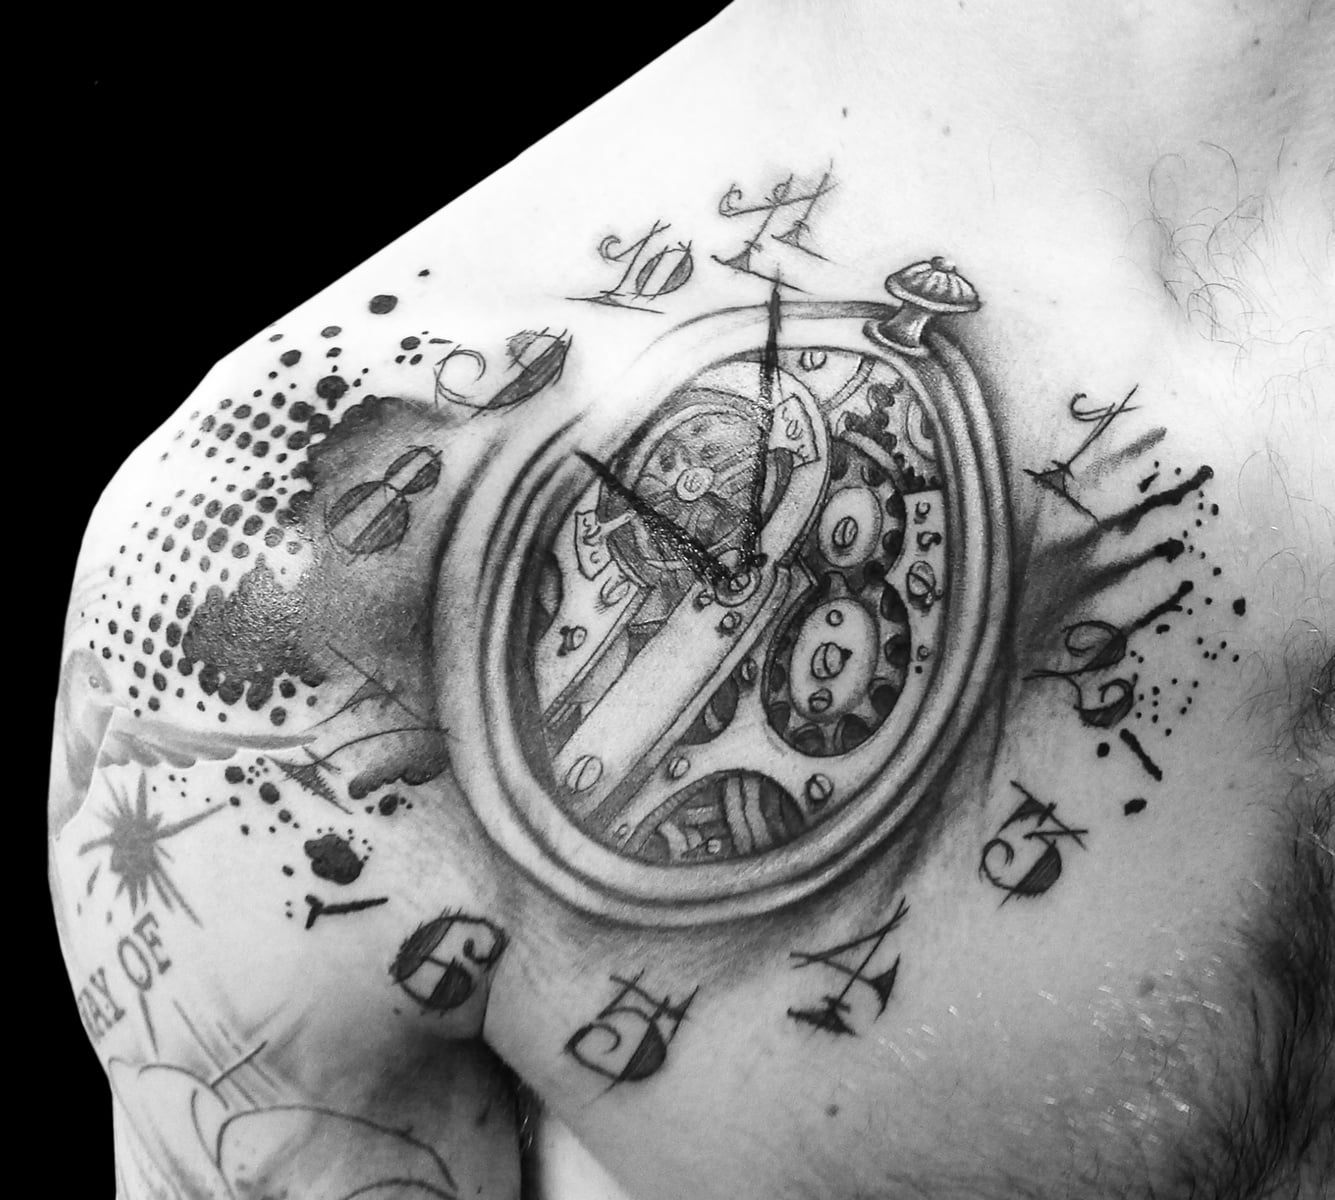 Tatuaje De Reloj En El Pecho Tatuajesxd